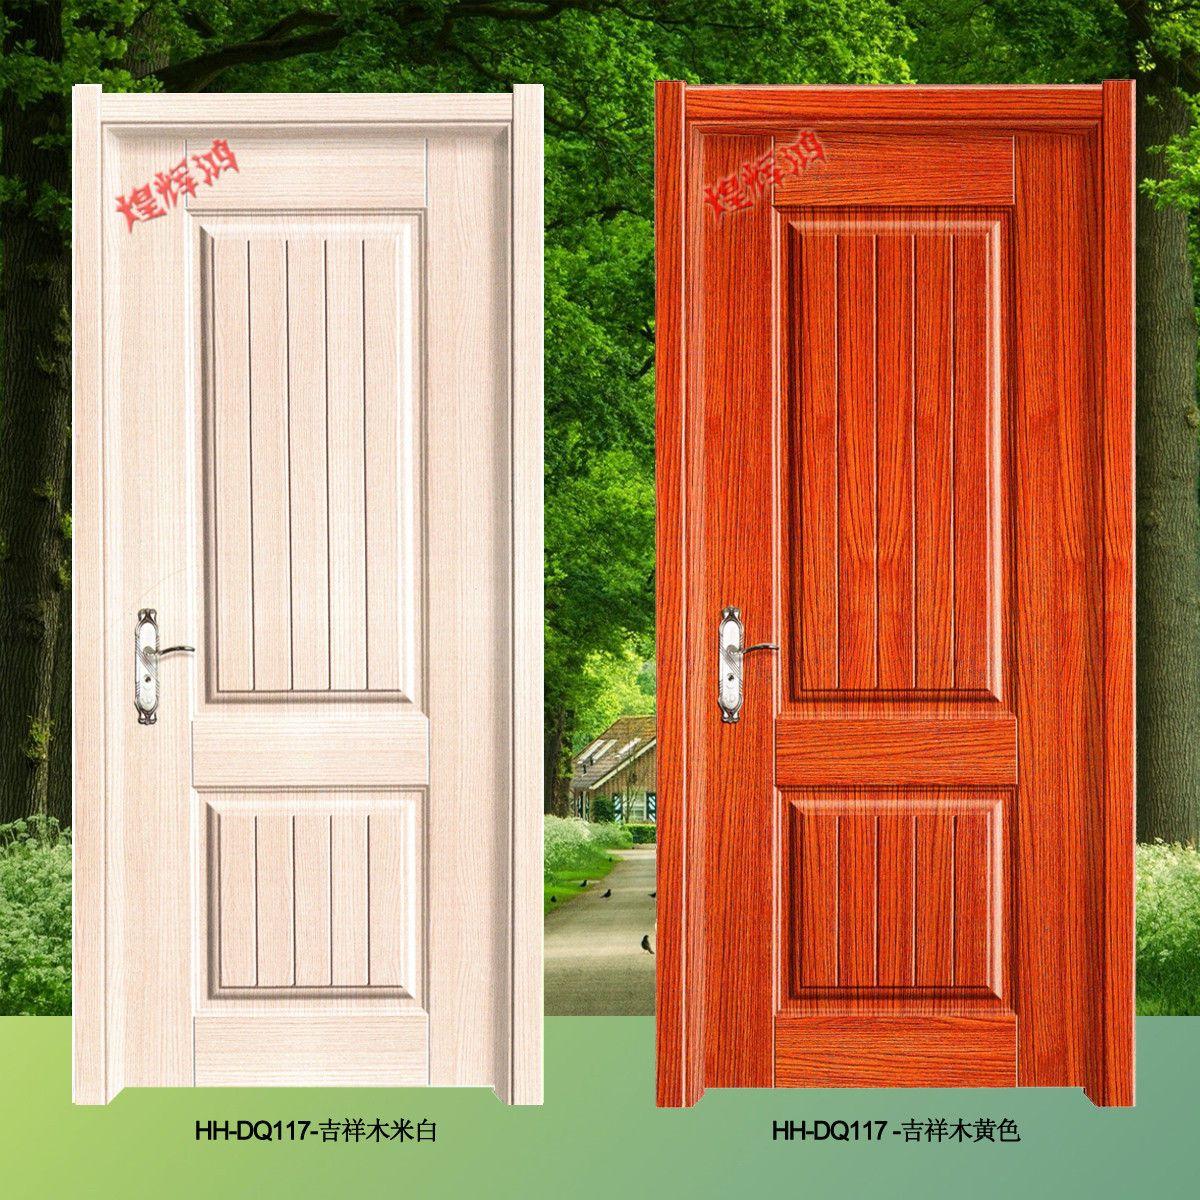 防水膜压门|防水免漆门|防水生态门|防水强化门|煌辉鸿木门